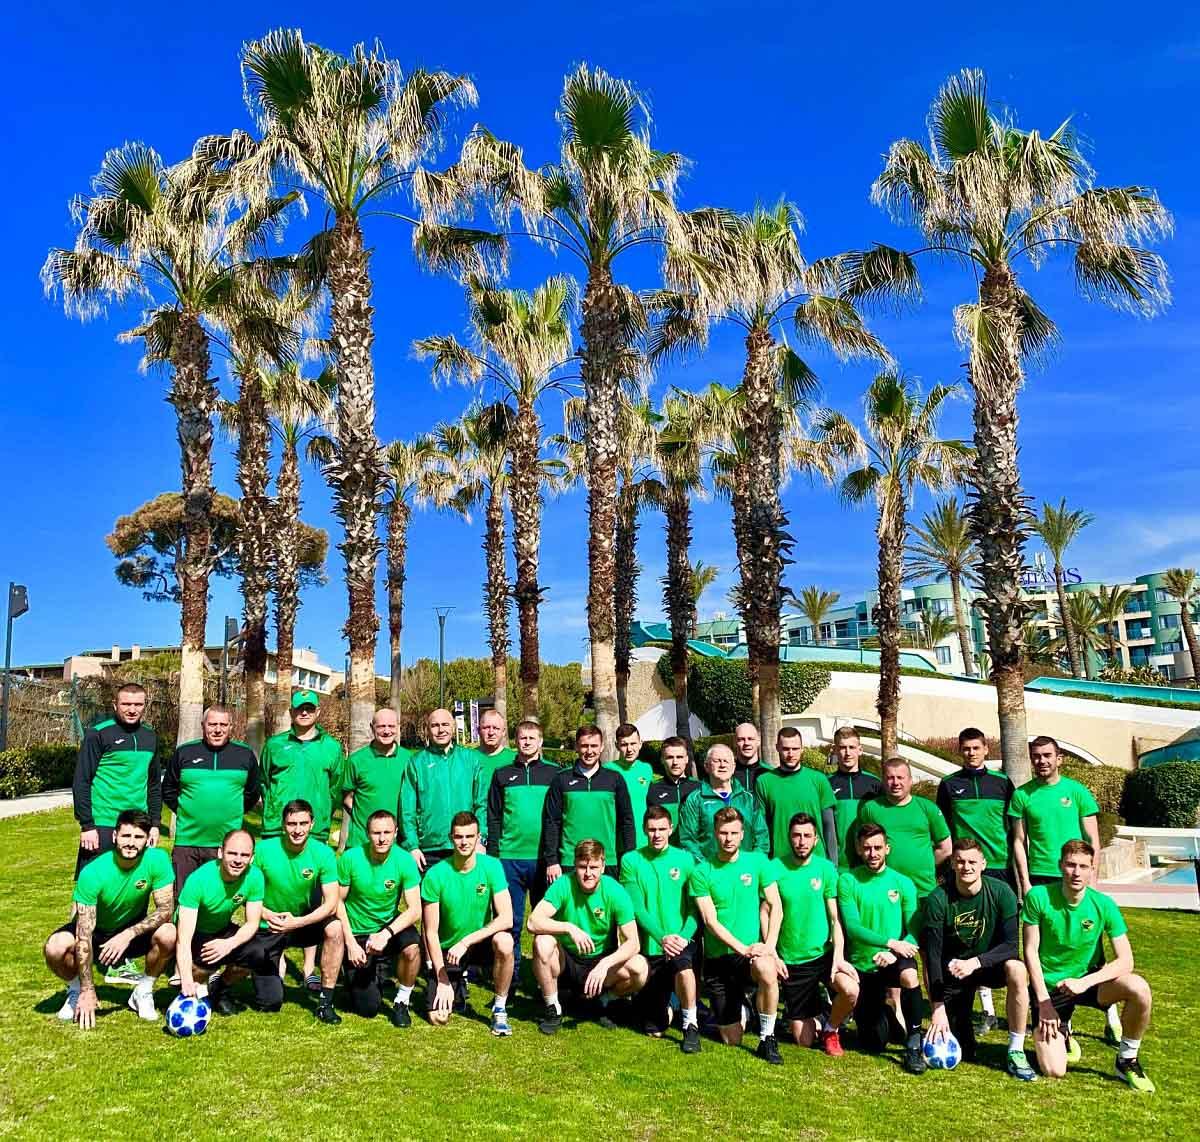 """Футболісти """"Прикарпаття"""" завершили турецькі збори перемогою над командою з Норвегії (ФОТО)"""